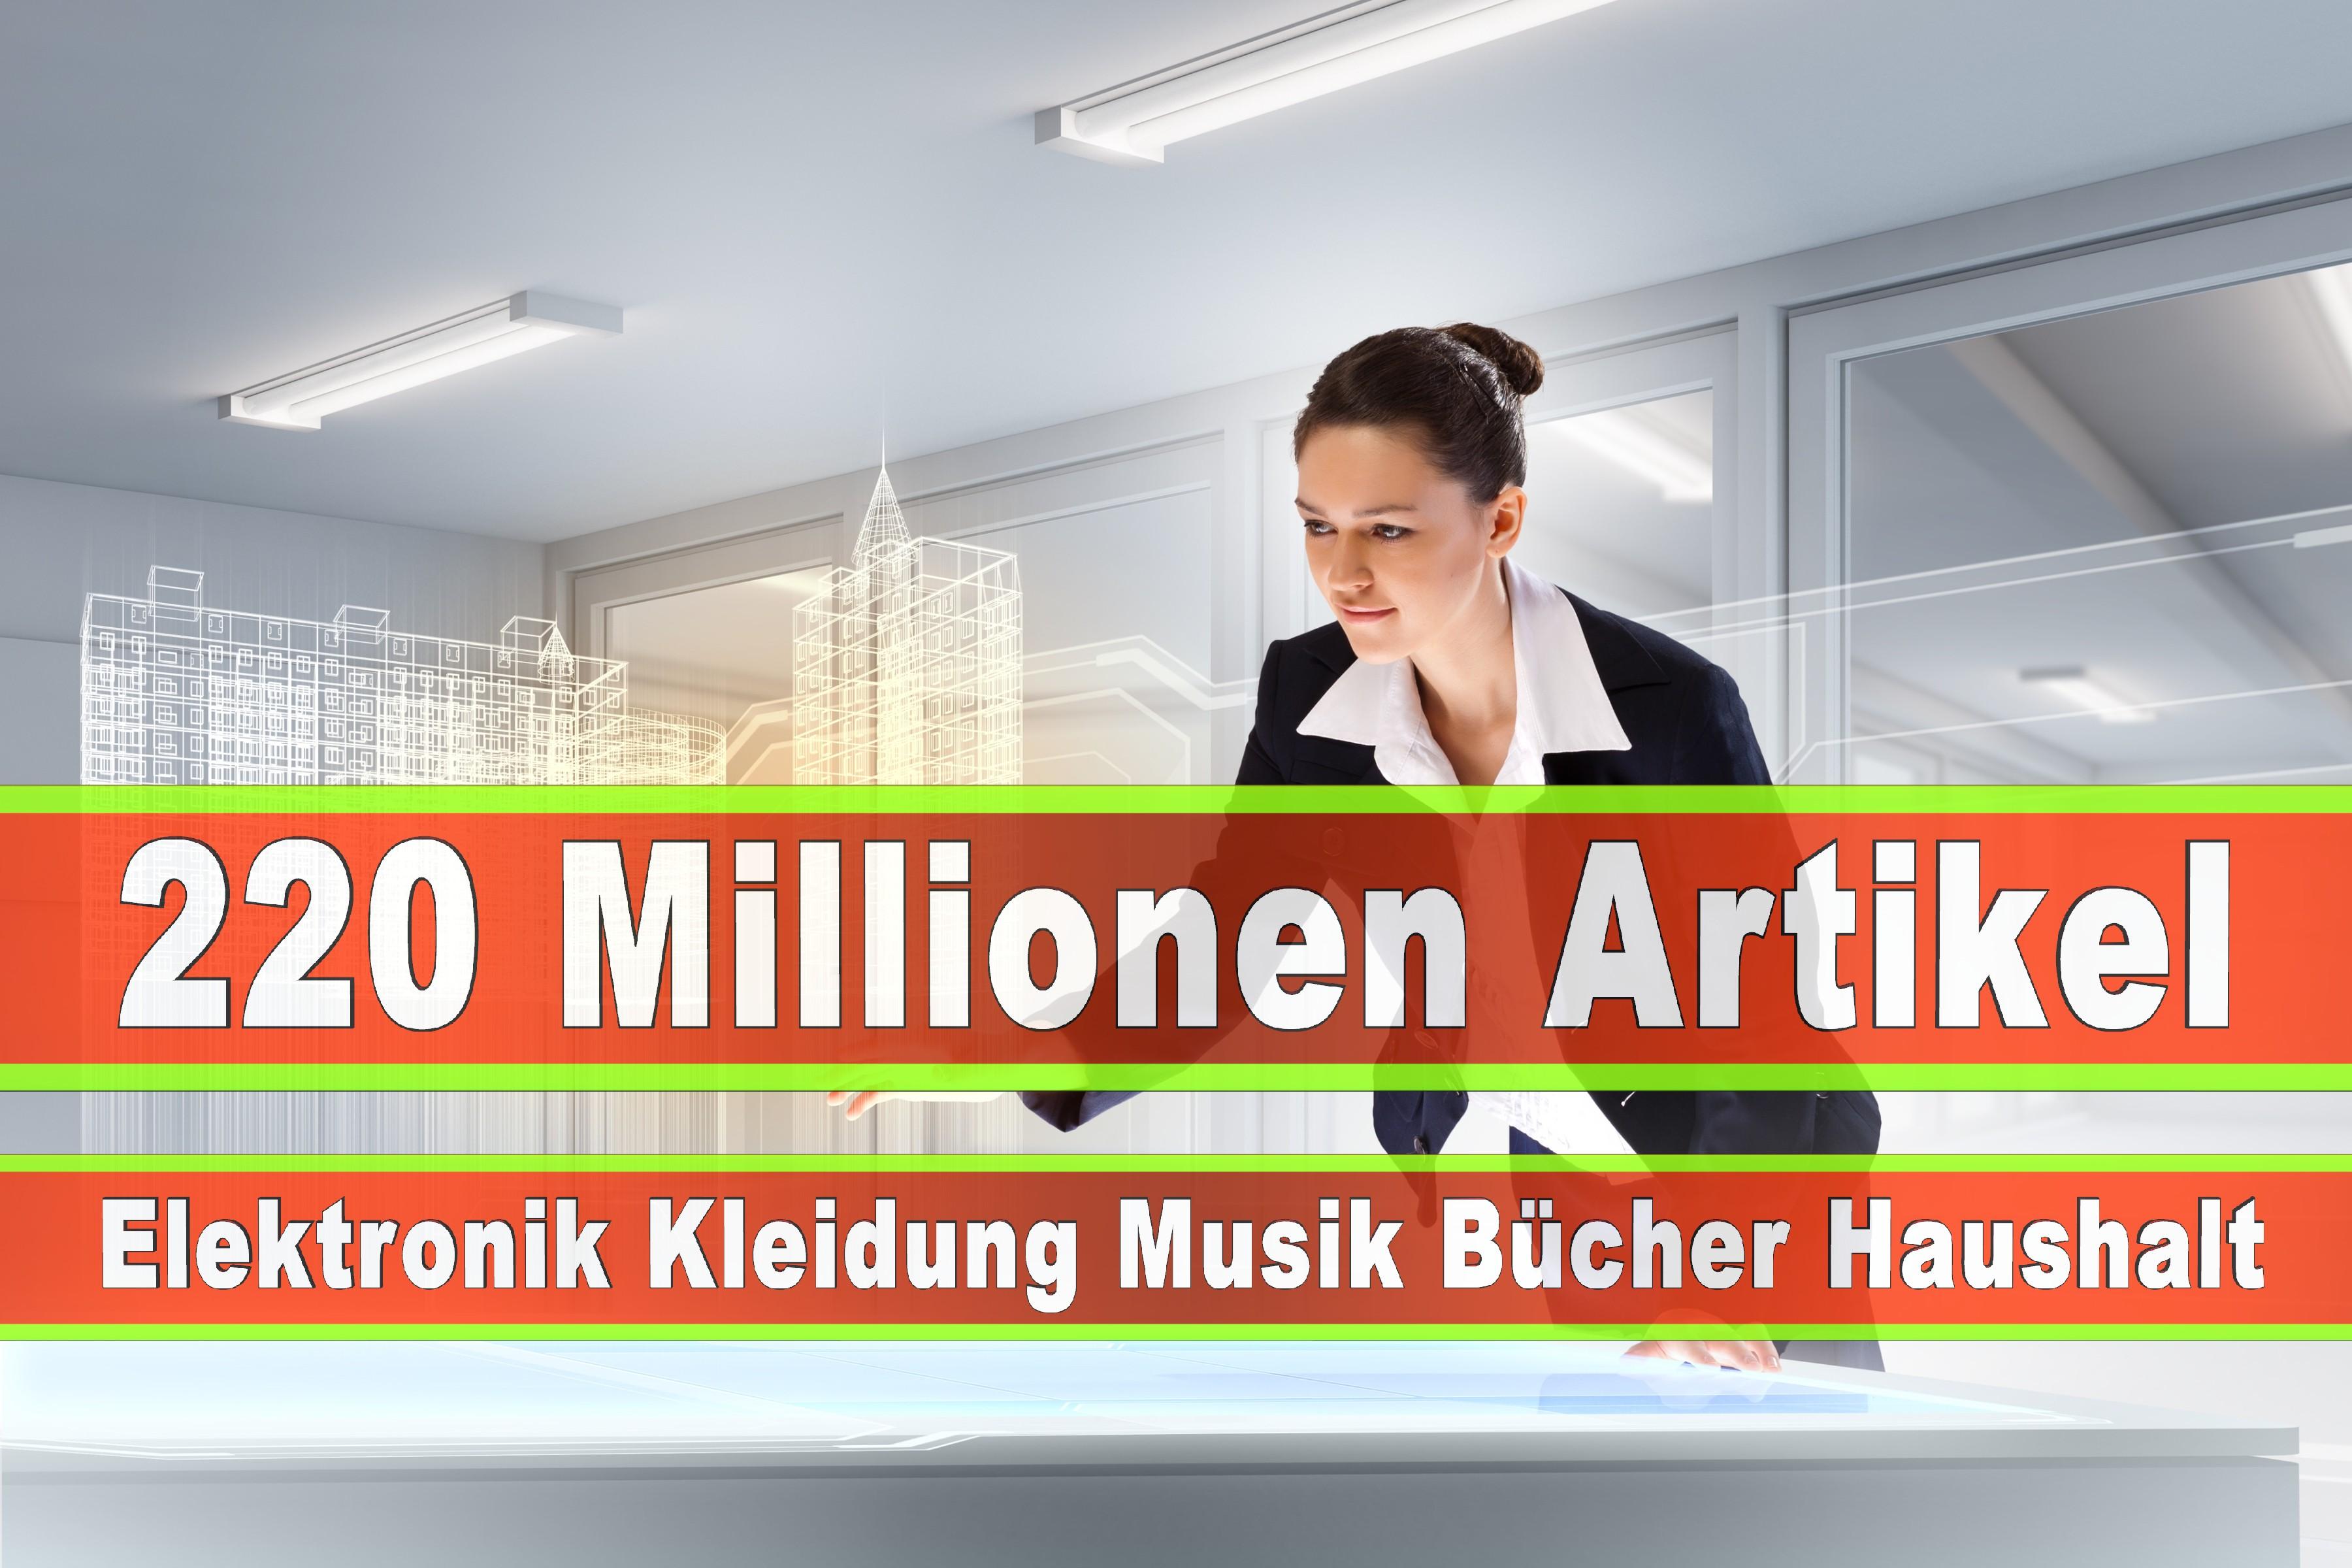 Amazon Elektronik Musik Haushalt Bücher CD DVD Handys Smartphones TV Television Fernseher Kleidung Mode Ebay Versandhaus (43)